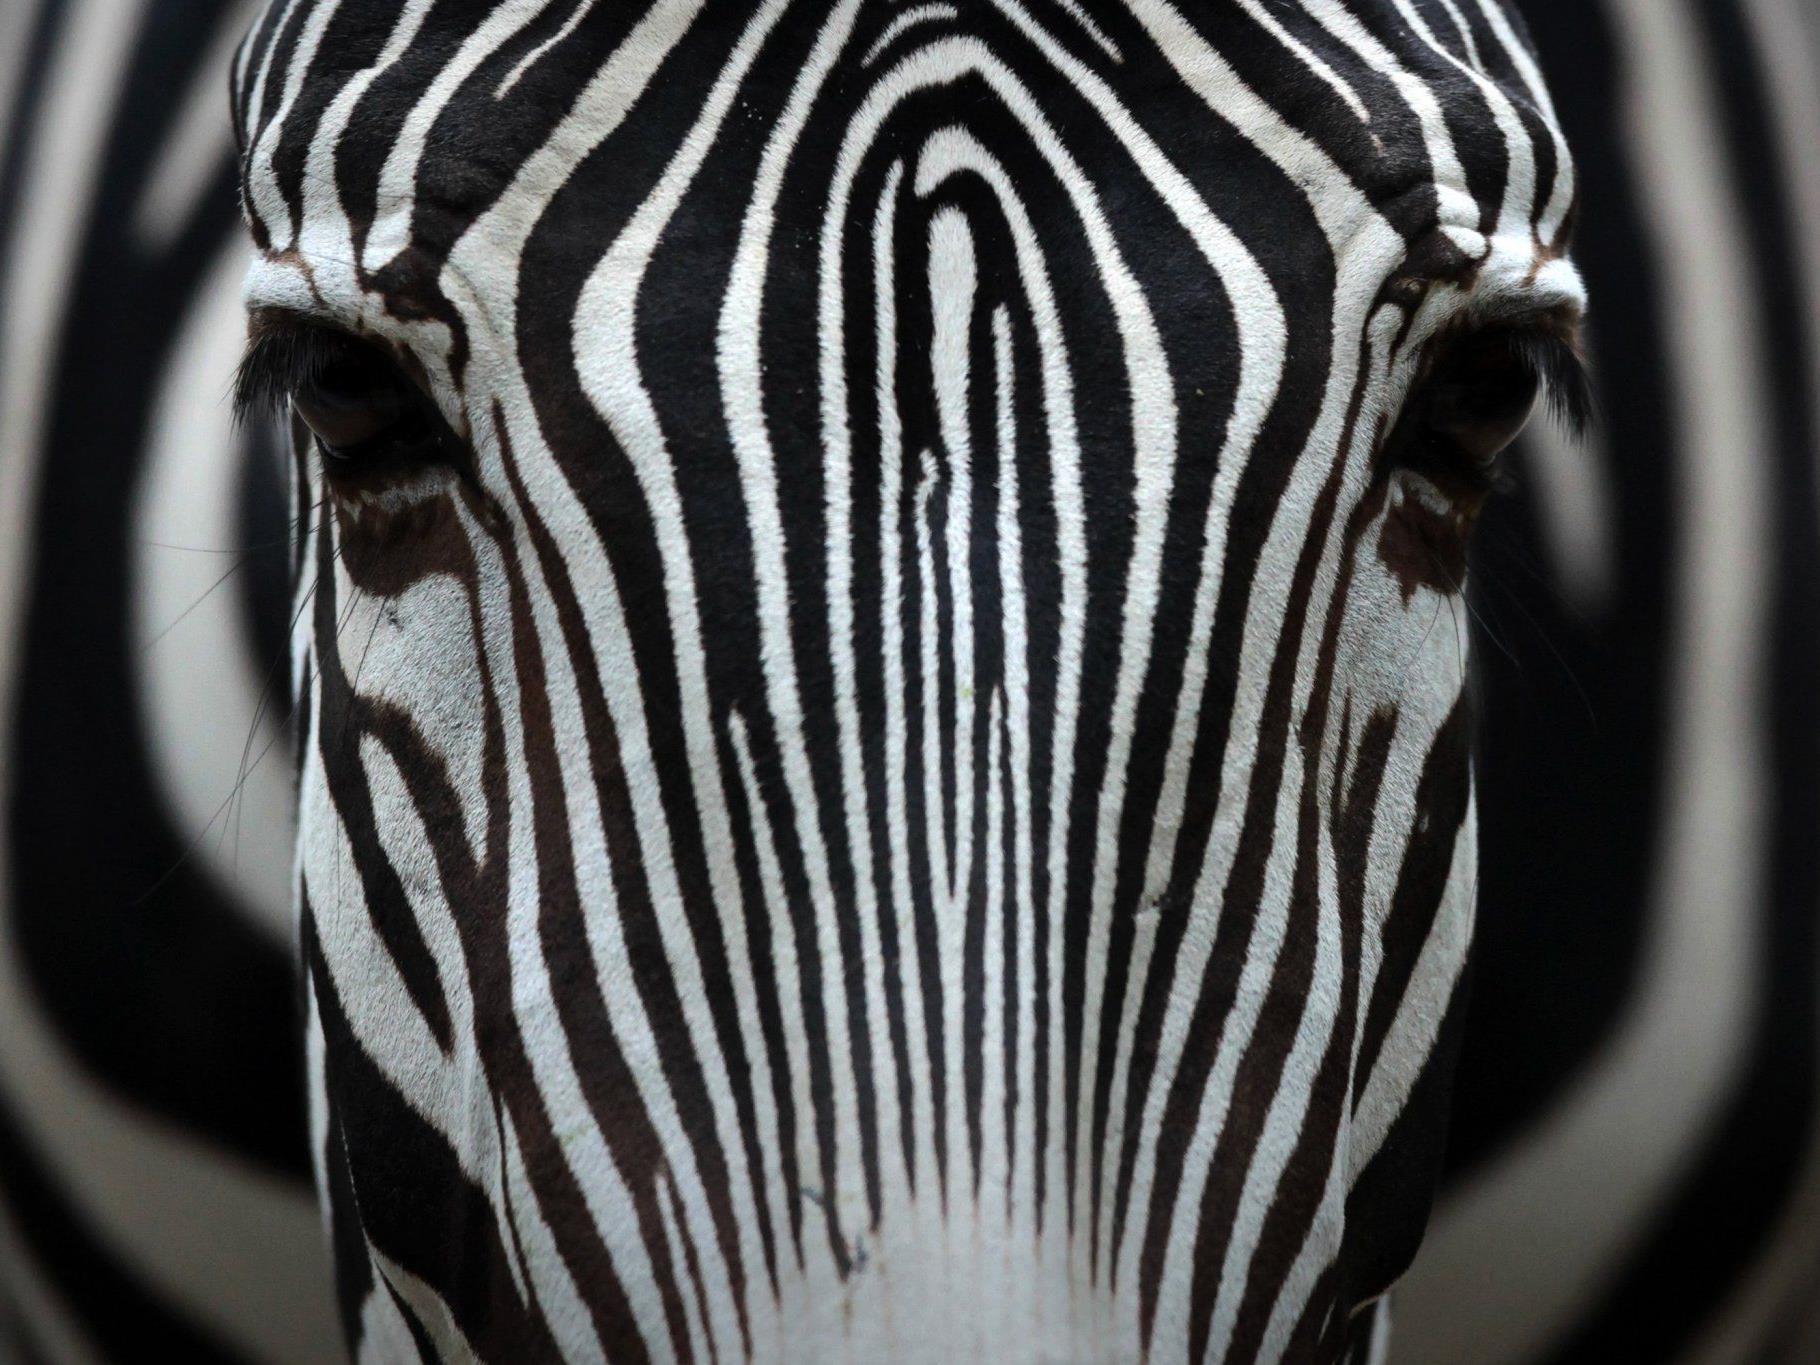 Insekten fliegen nicht auf Zebrastreifen.